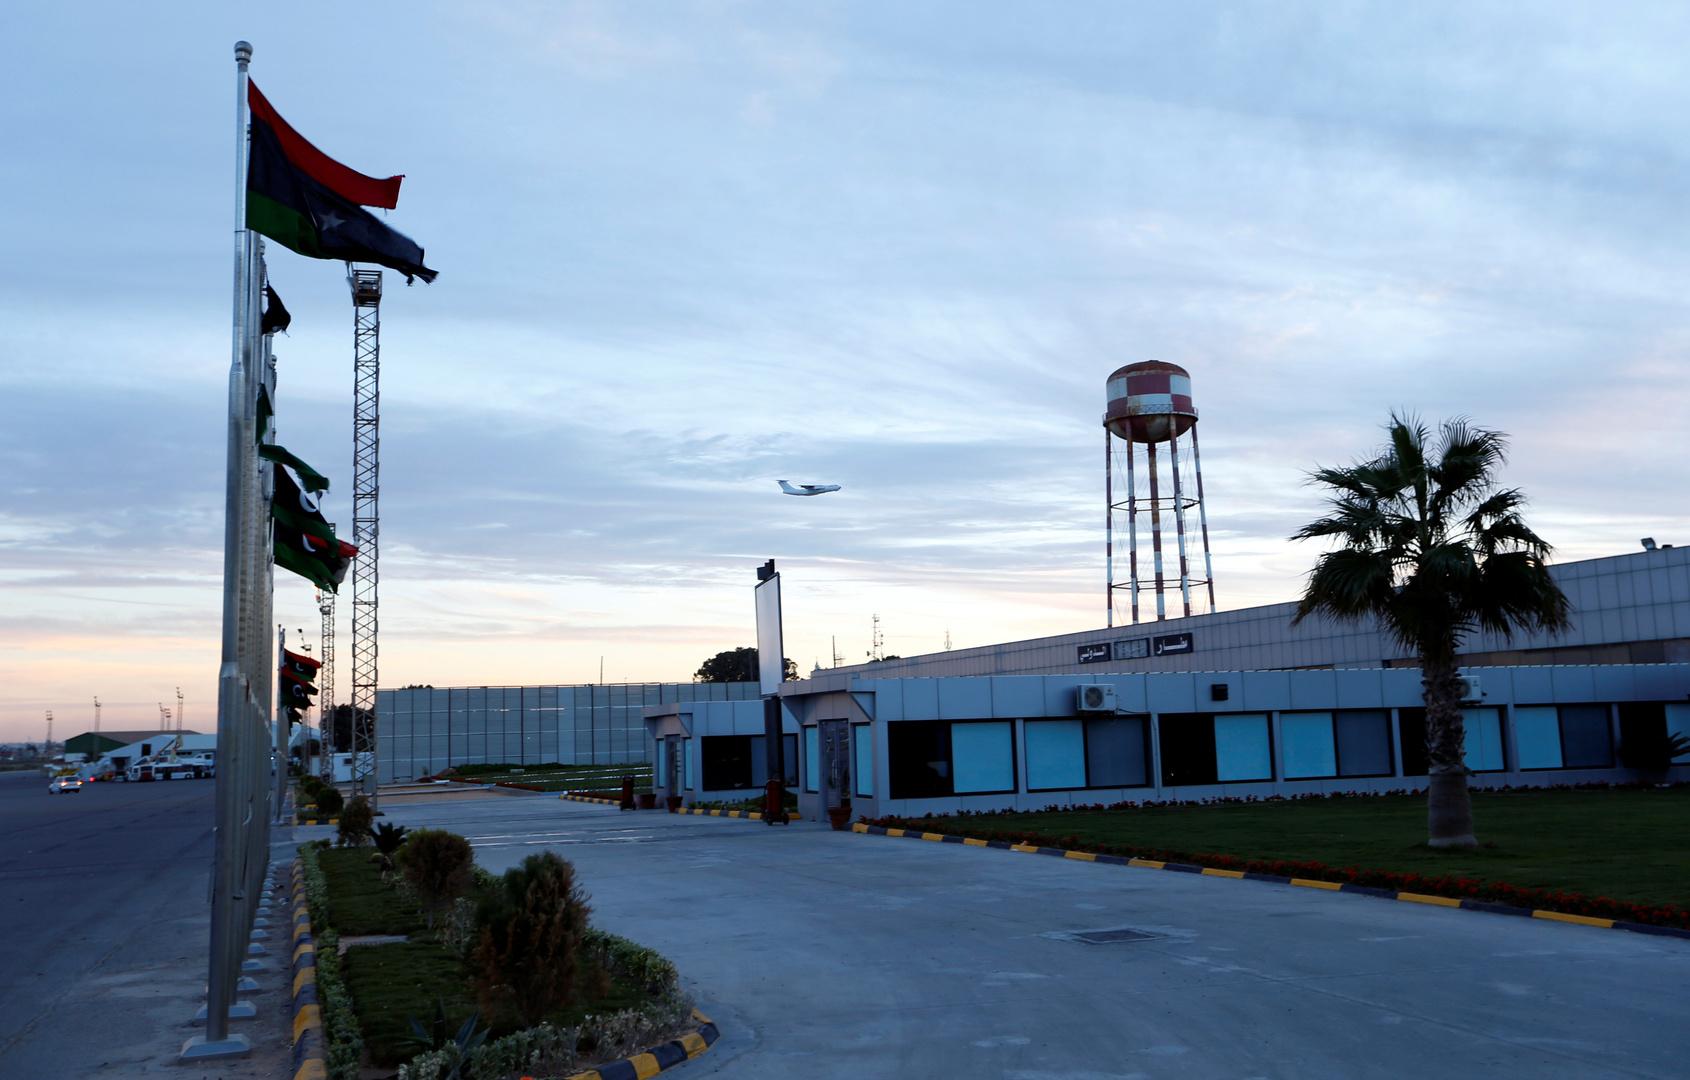 وفد مصري رفيع يصل إلى العاصمة الليبية للقاء مسؤولي حكومة الوفاق